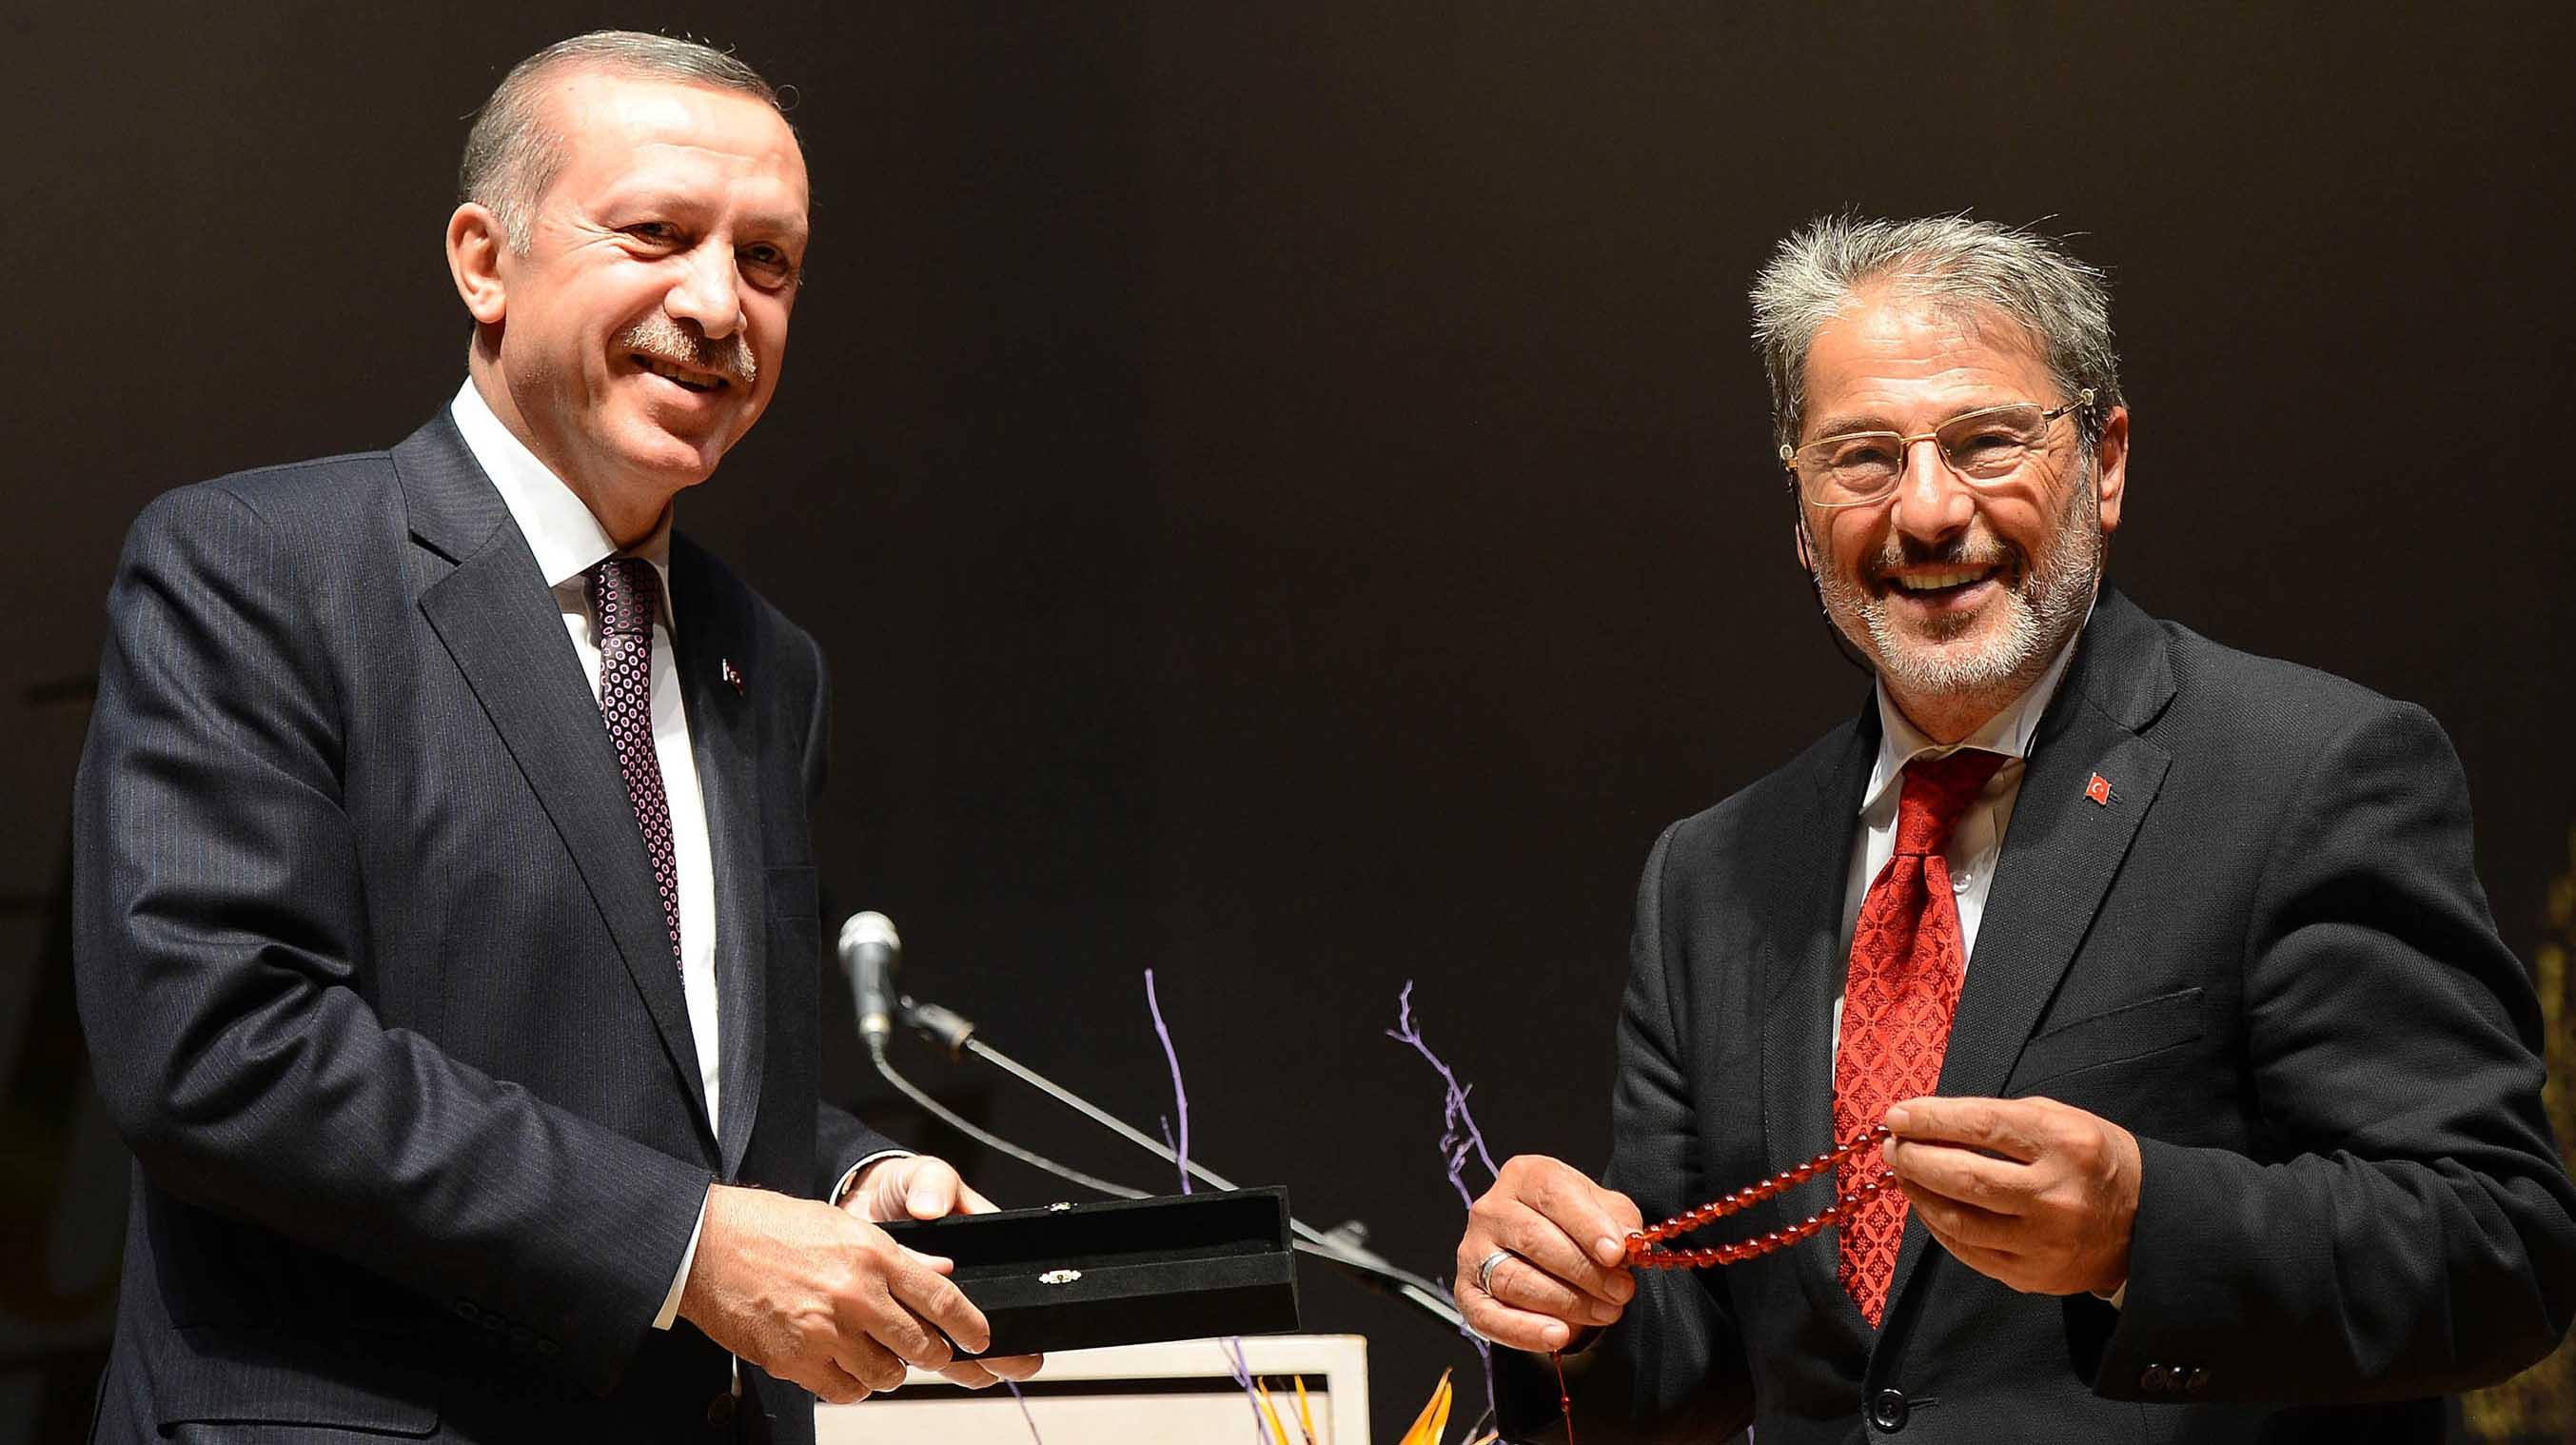 Sadık Albayrak, Erdoğan'ın dünürü olmadan önce 'hoca' olarak tanıdığı bir isimdi.